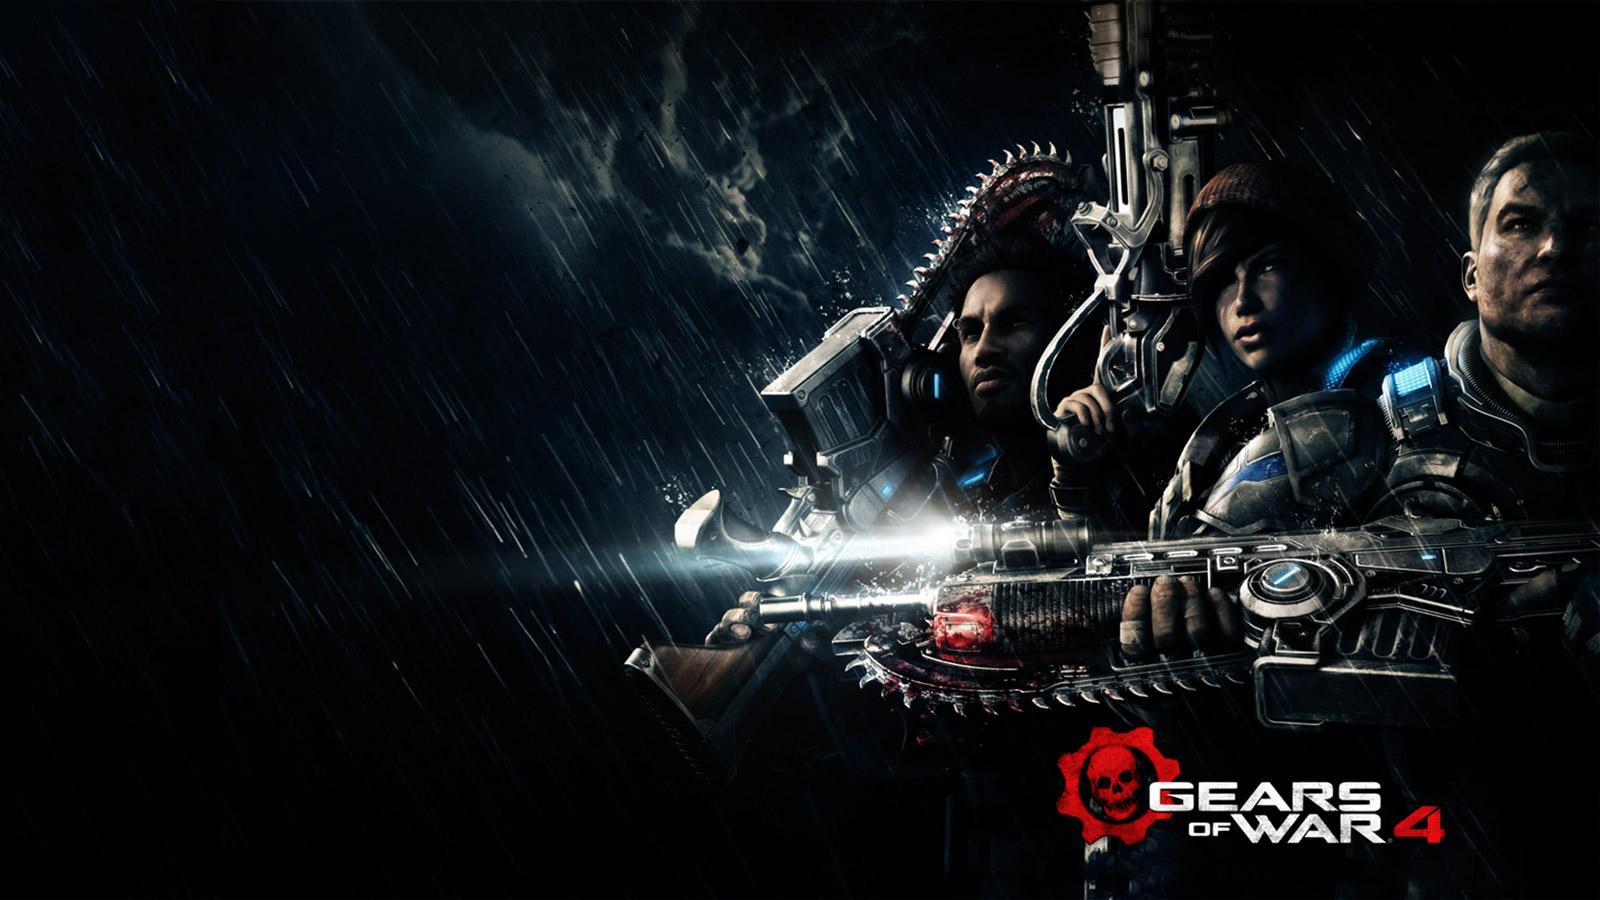 Gears of War 4 Wallpaper in 1600x900